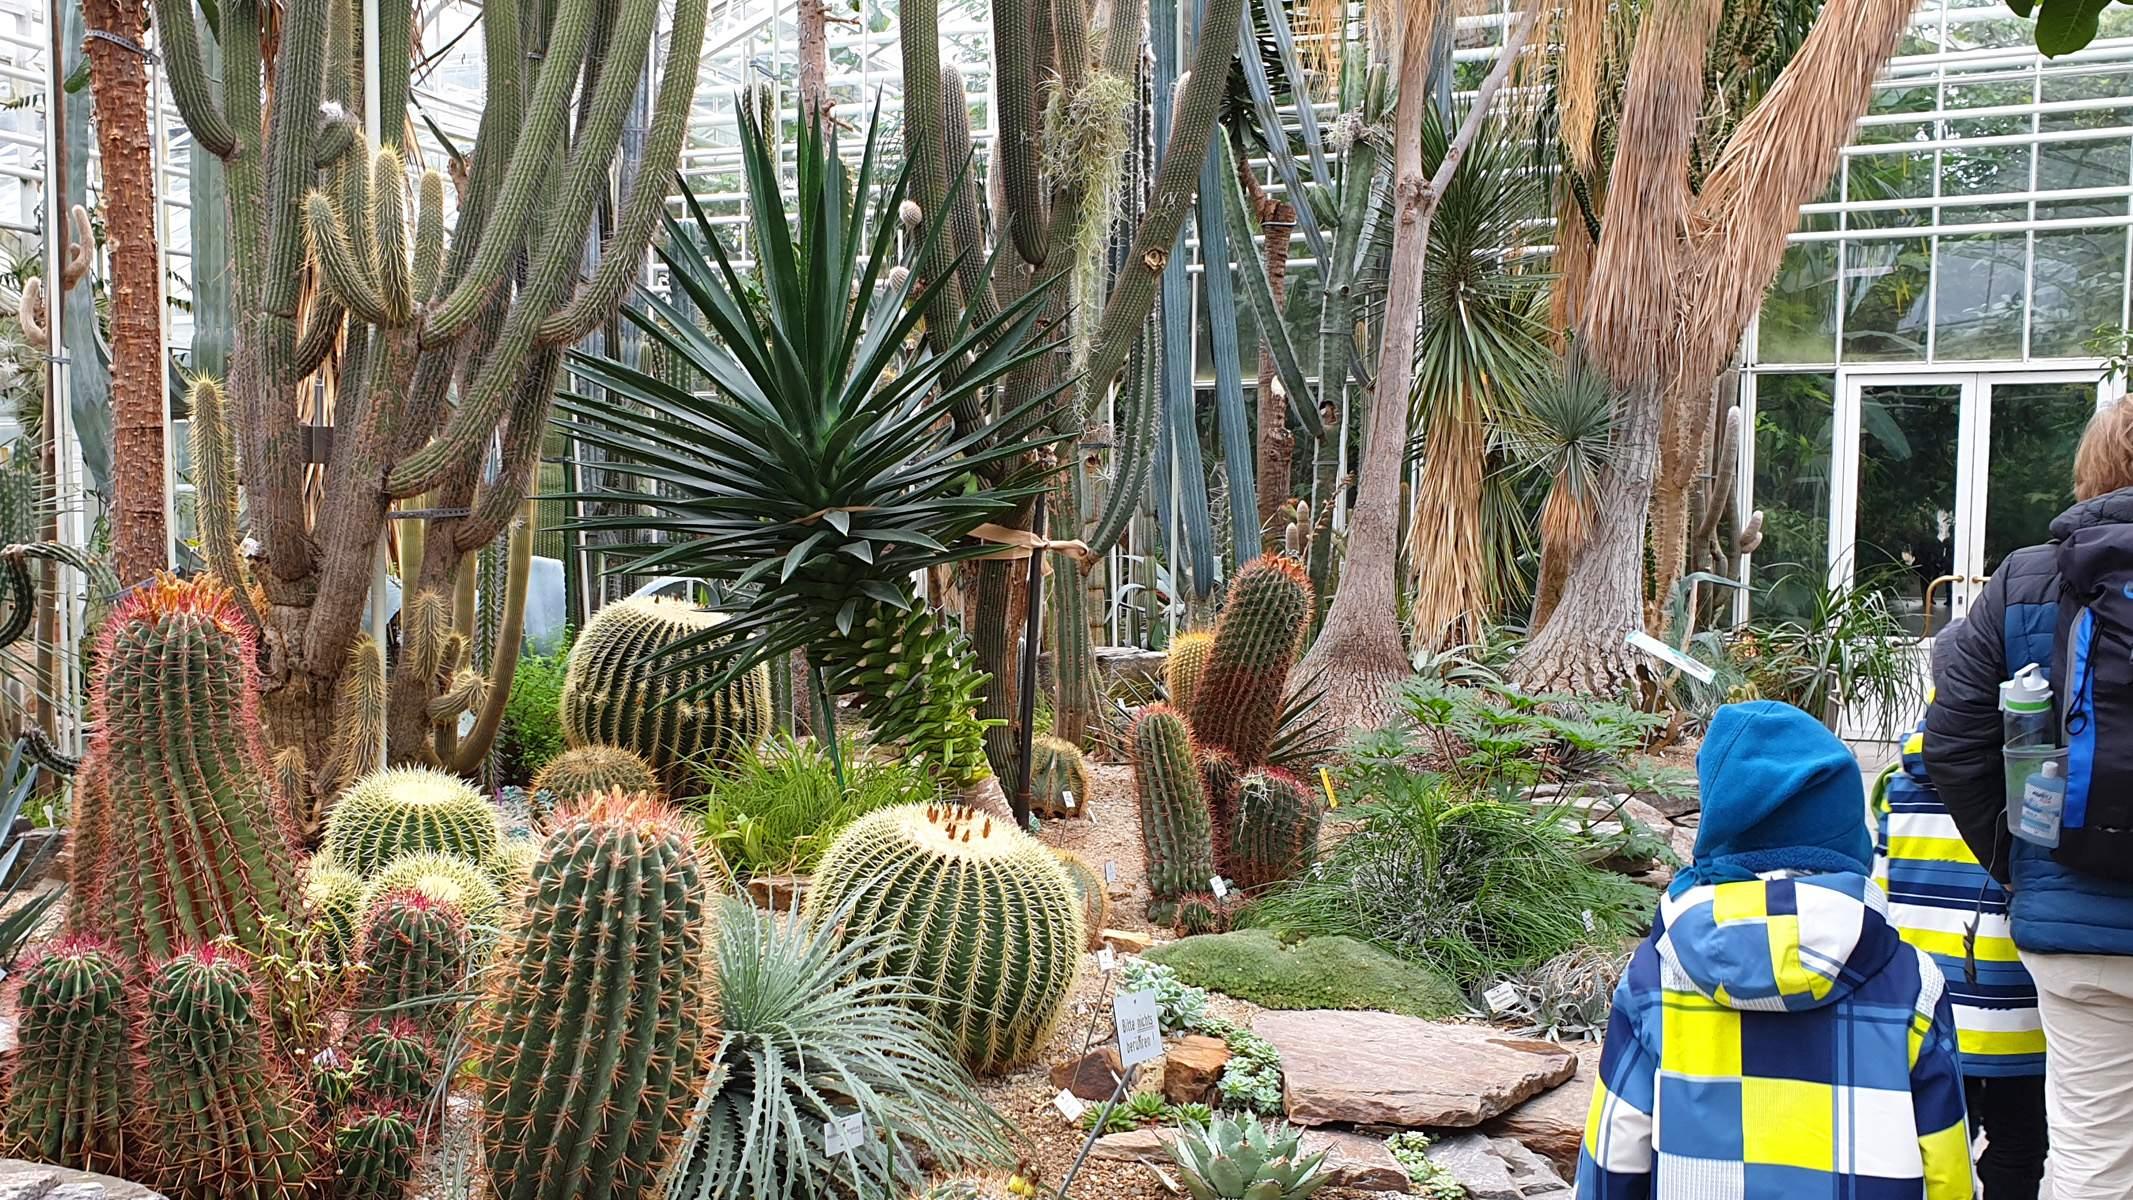 Botanischer Garten München Frisch Familien Ausflug In Den Botanischen Garten München